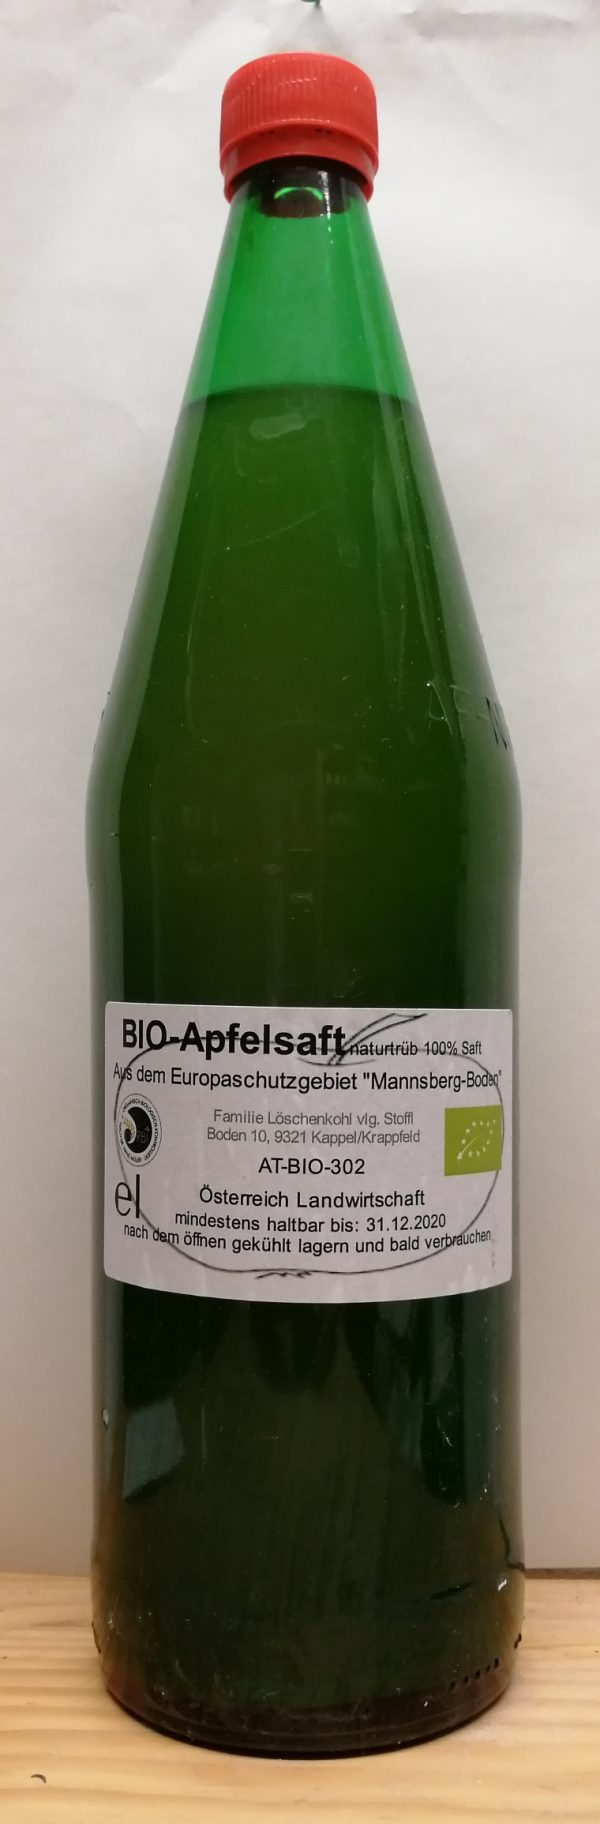 BIO-Apfelsaft 1l zzgl. €0,40 Pfand 1